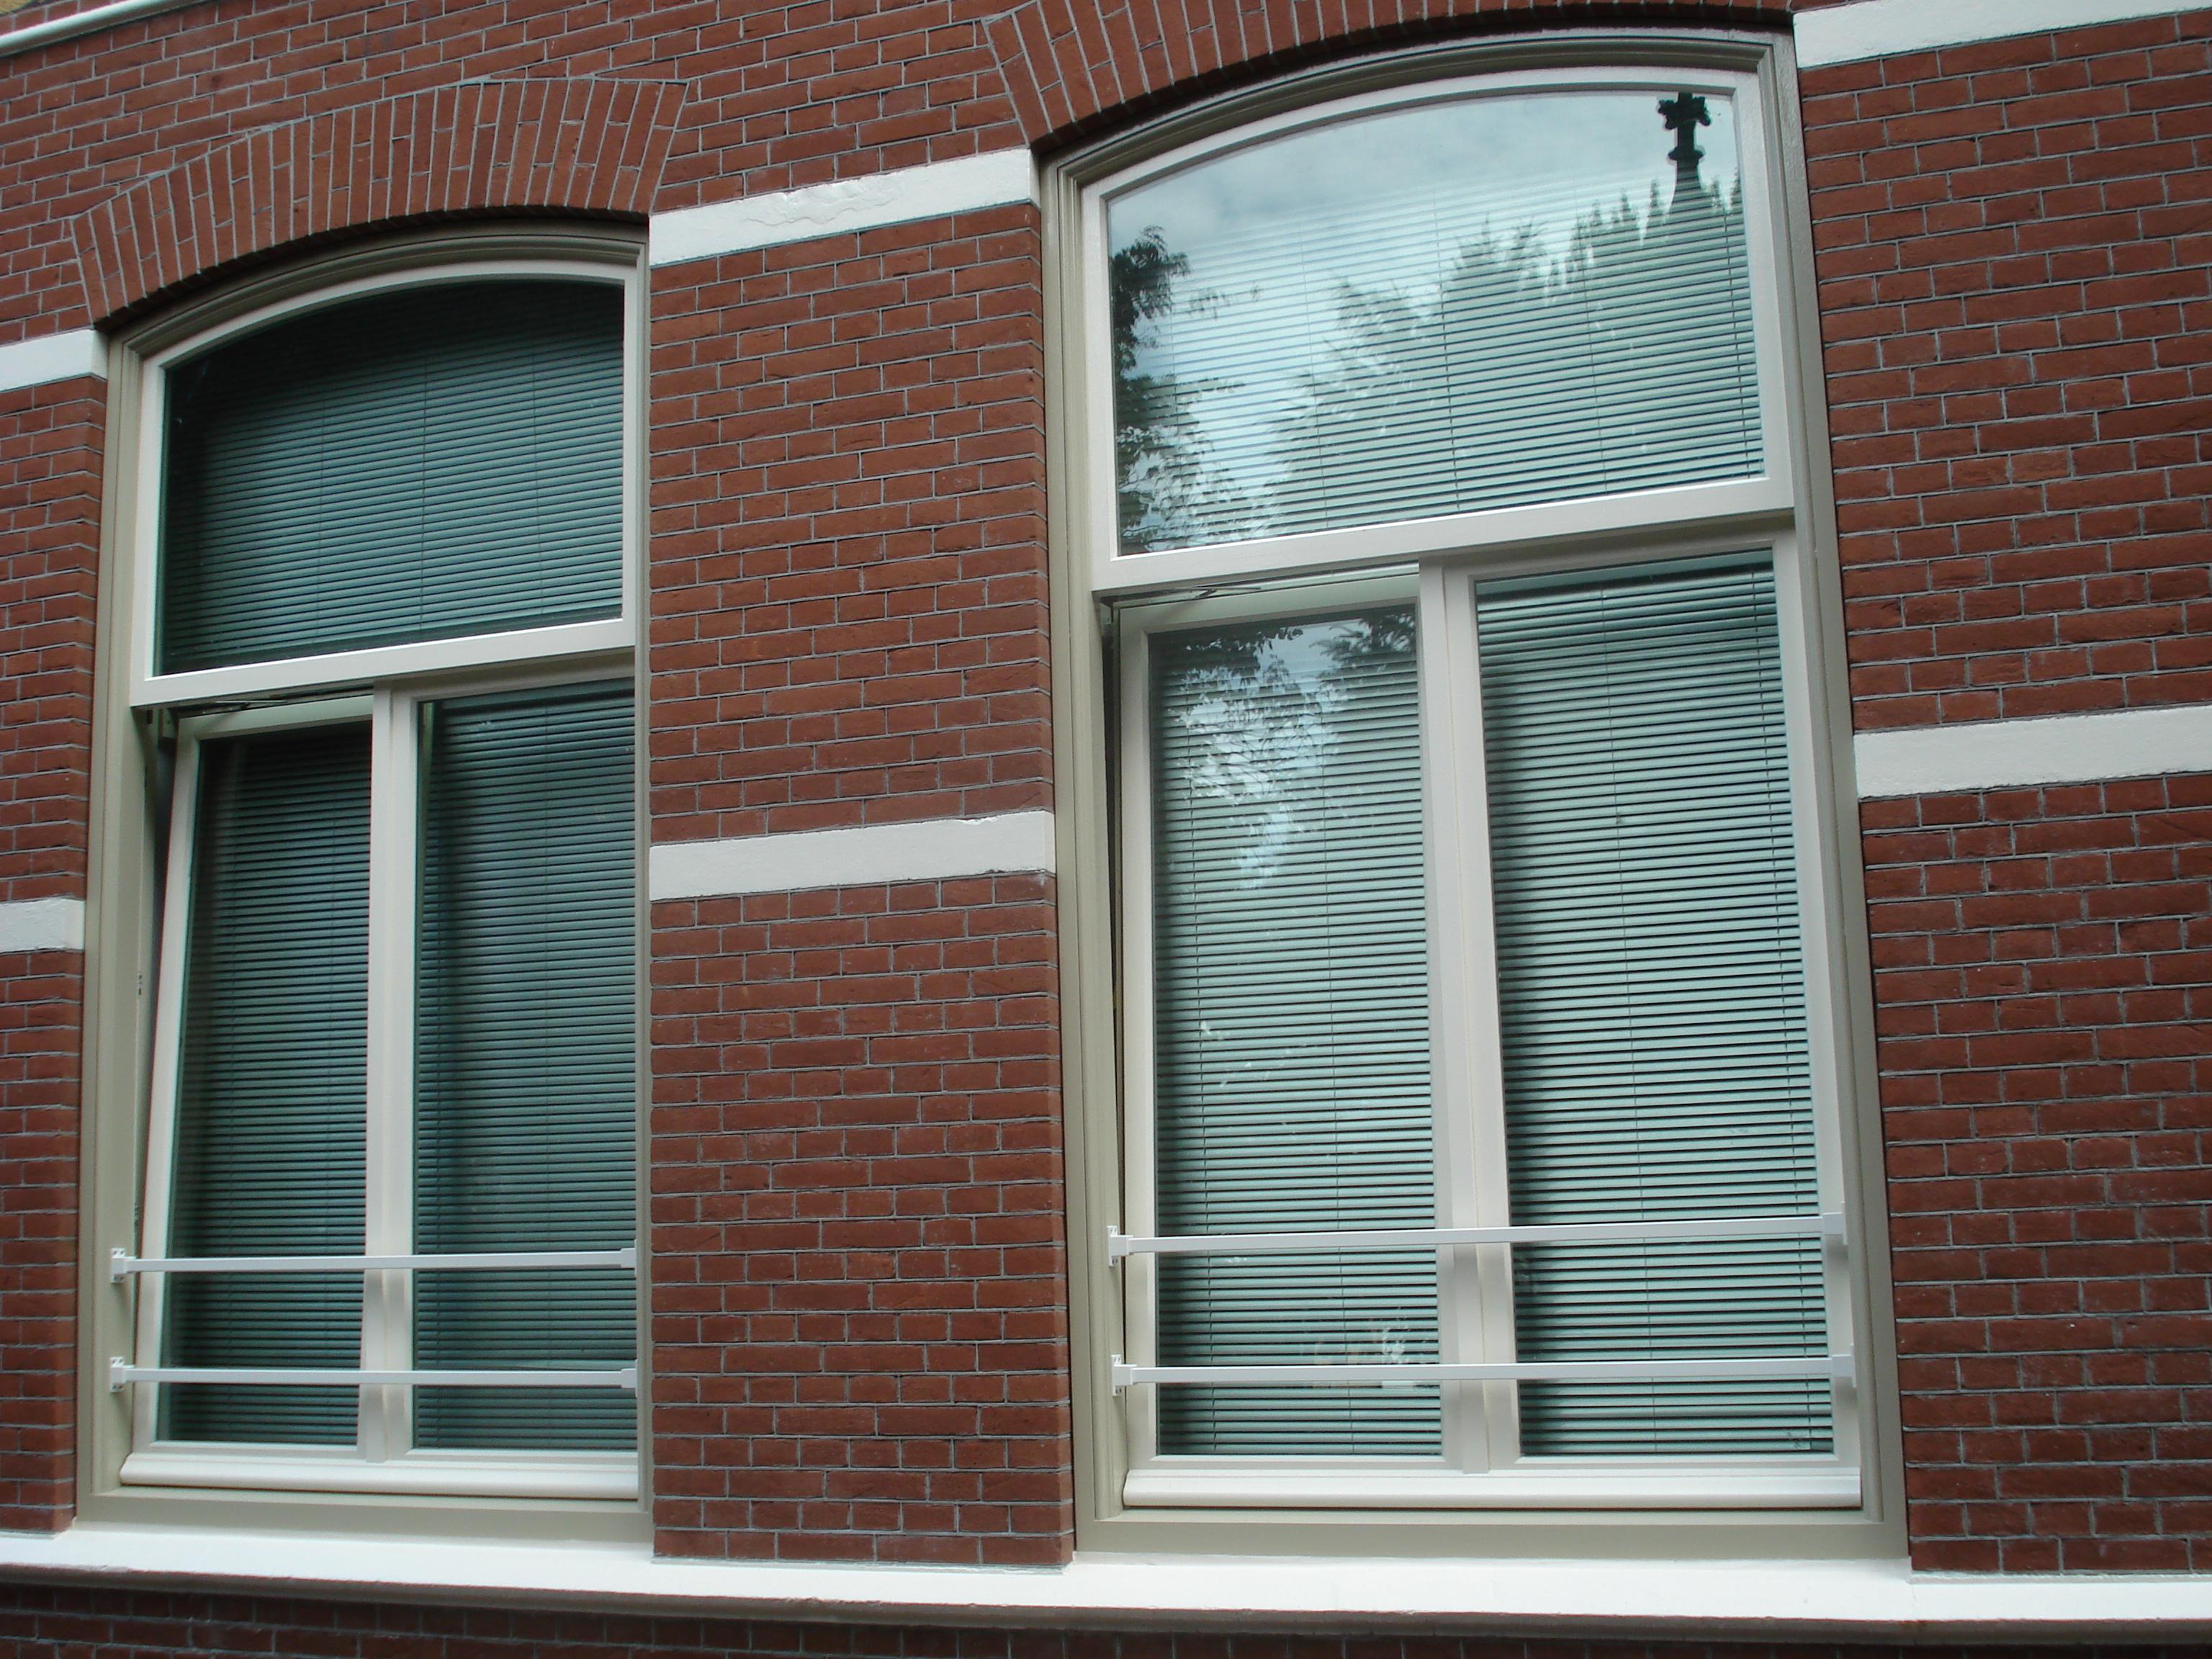 Ramen Deuren Kozijnen : Kozijnen ramen deuren glas timmerbedrijf ruud groot